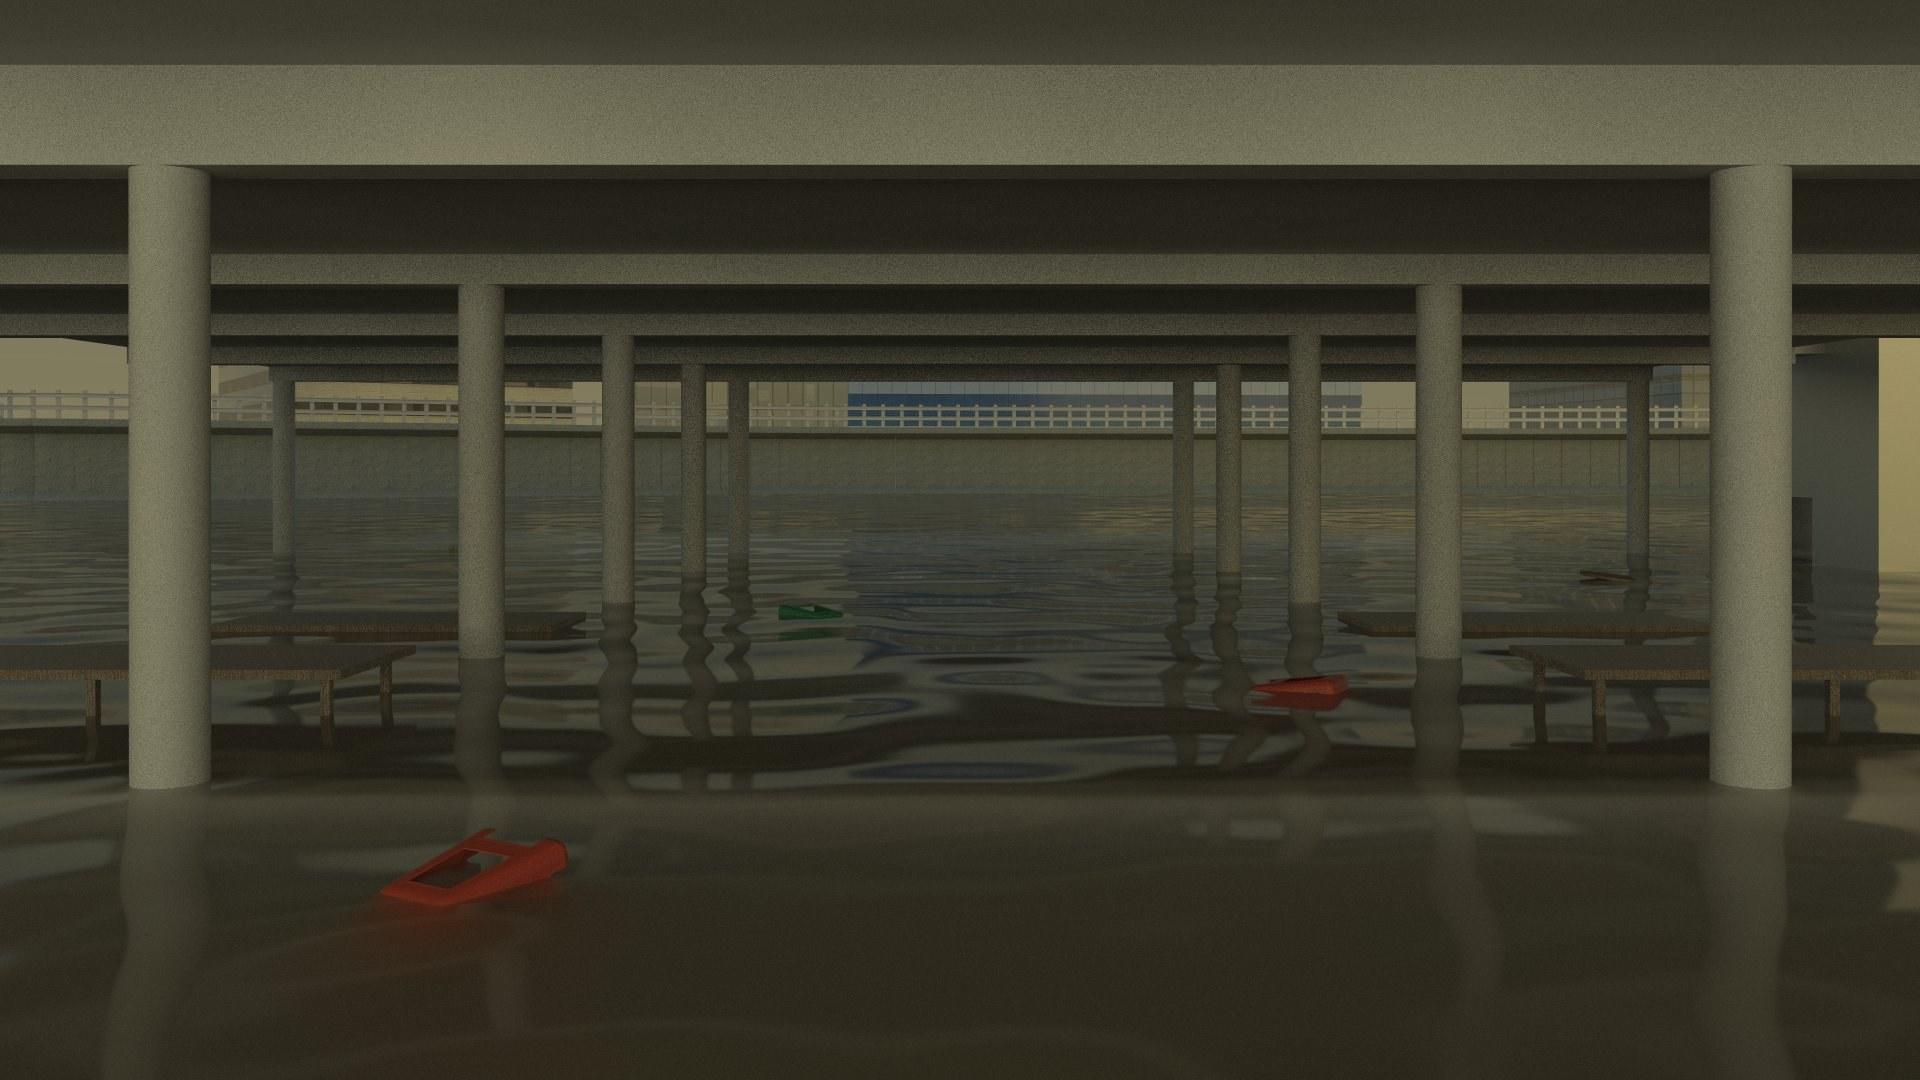 The Ground Floor as a Flood Plain